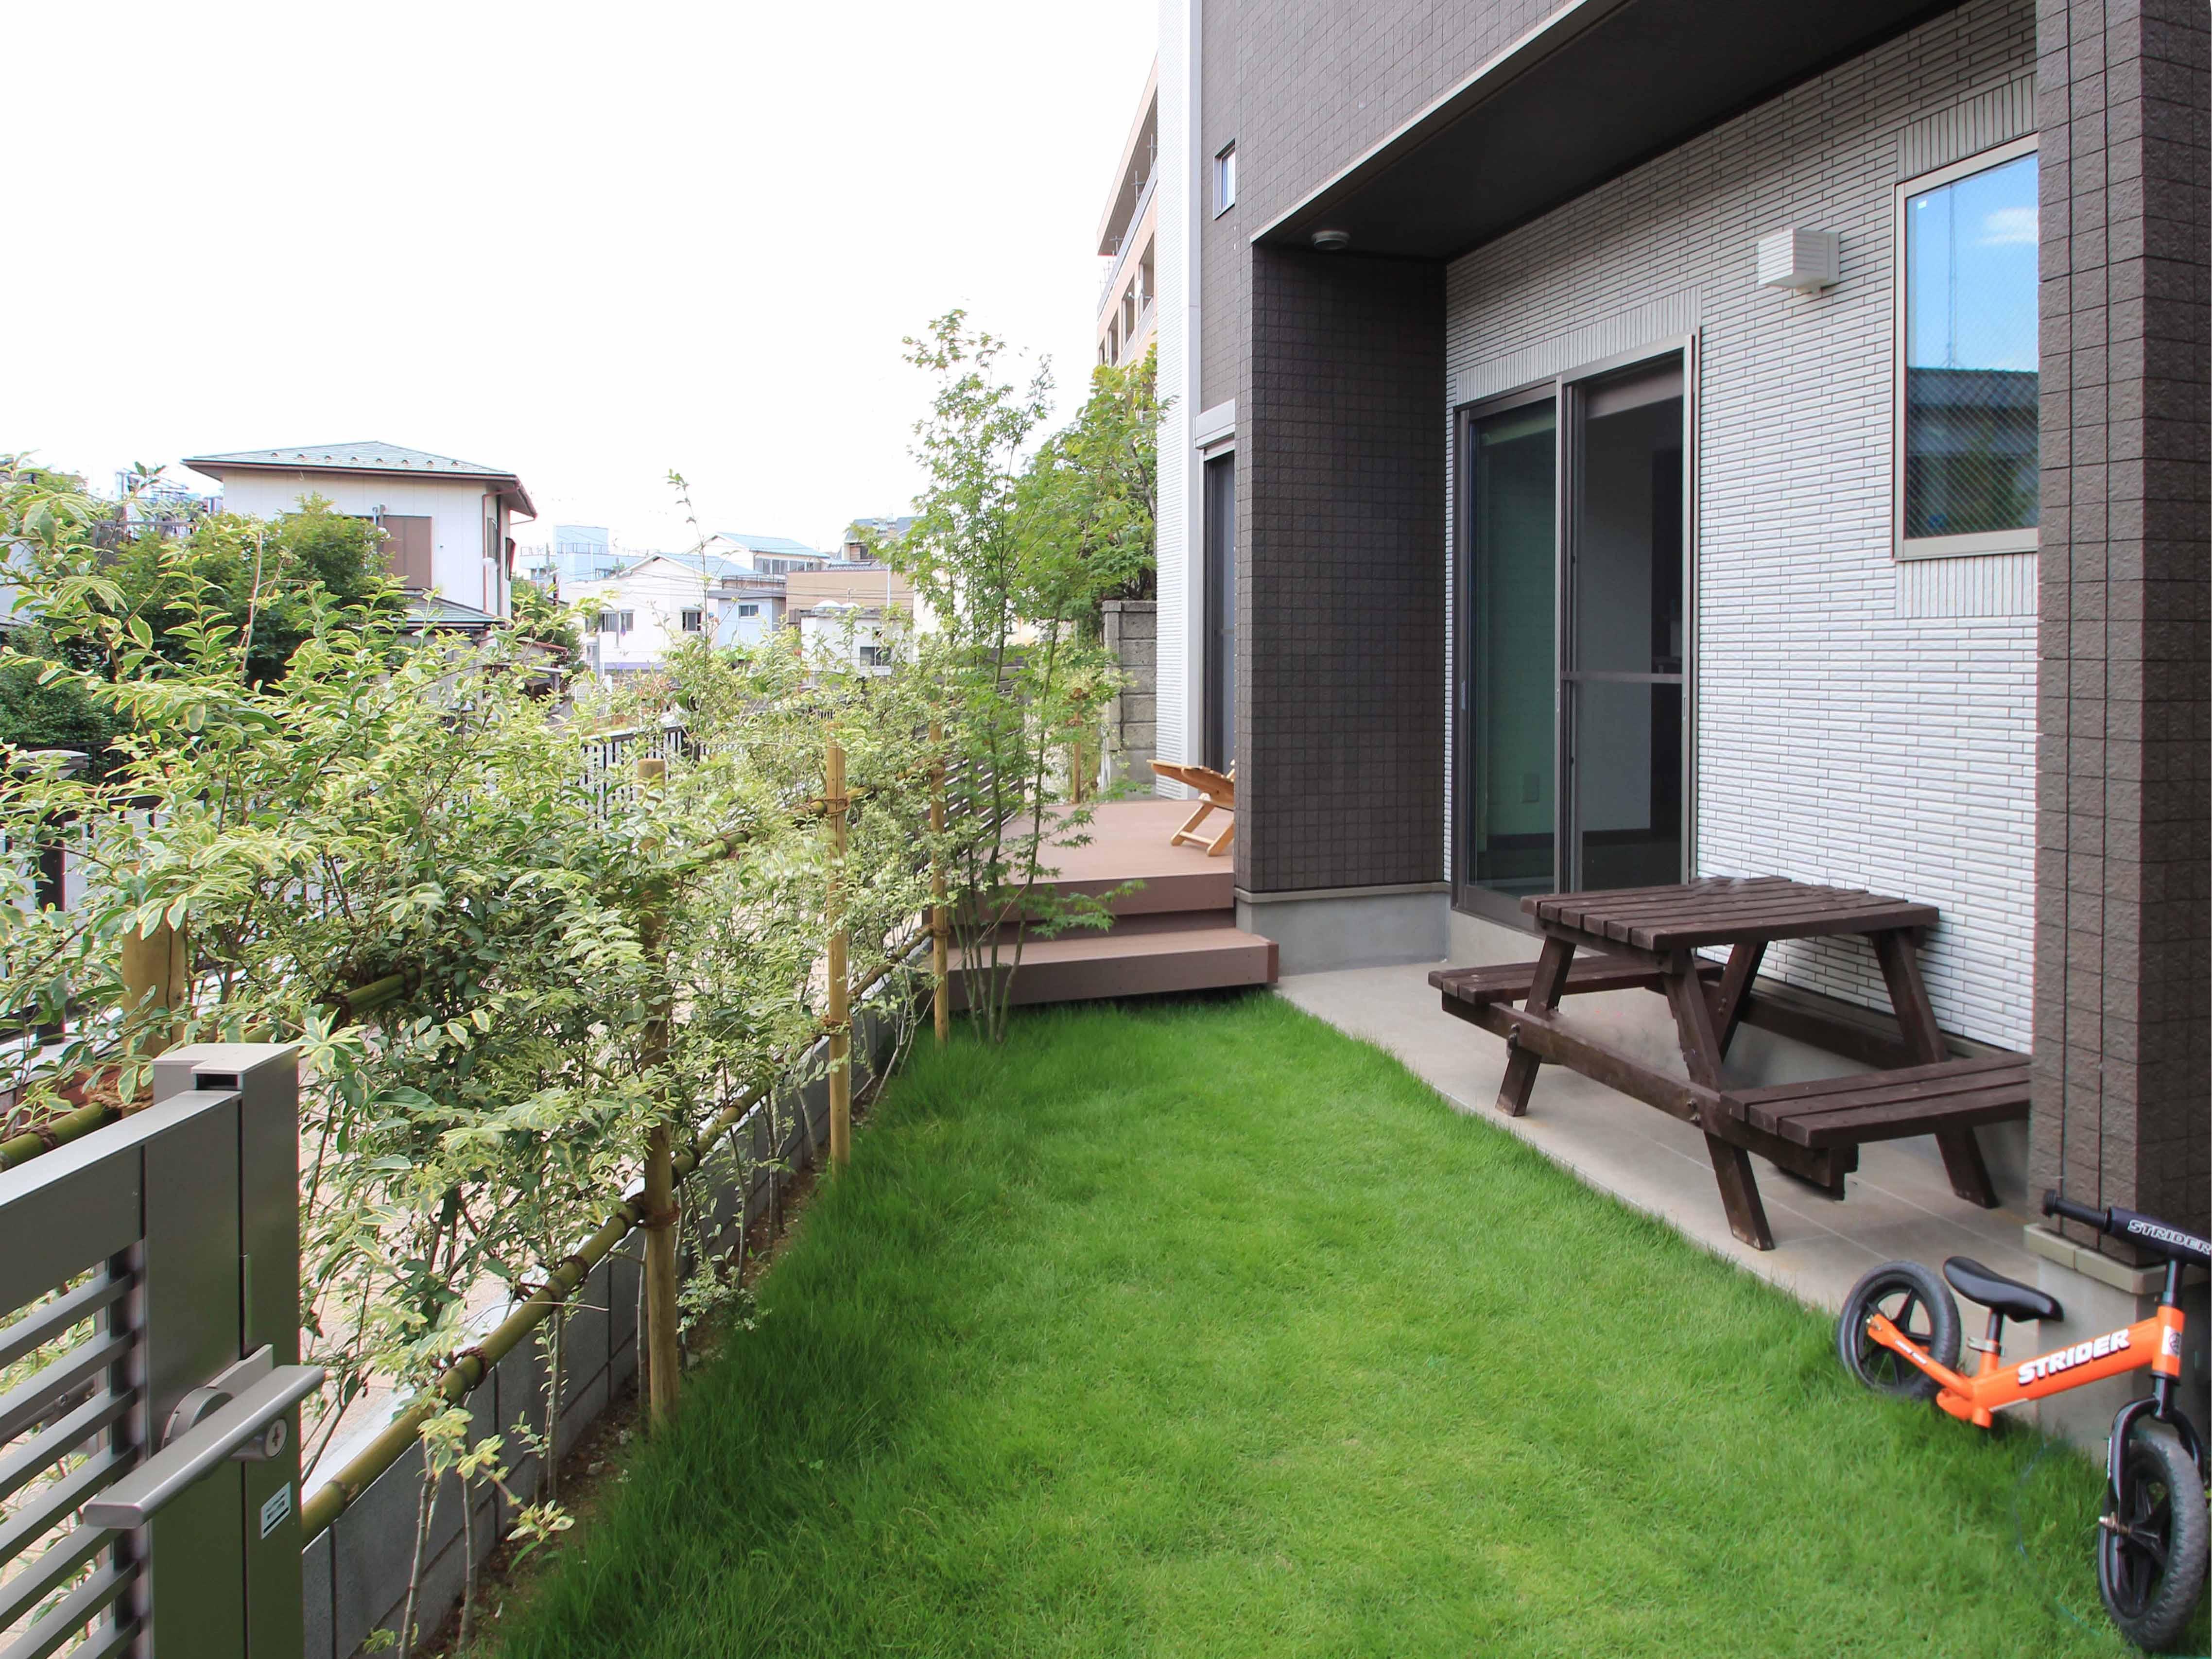 楽しいお庭のガーデンライフ<br>浦安市F様邸10